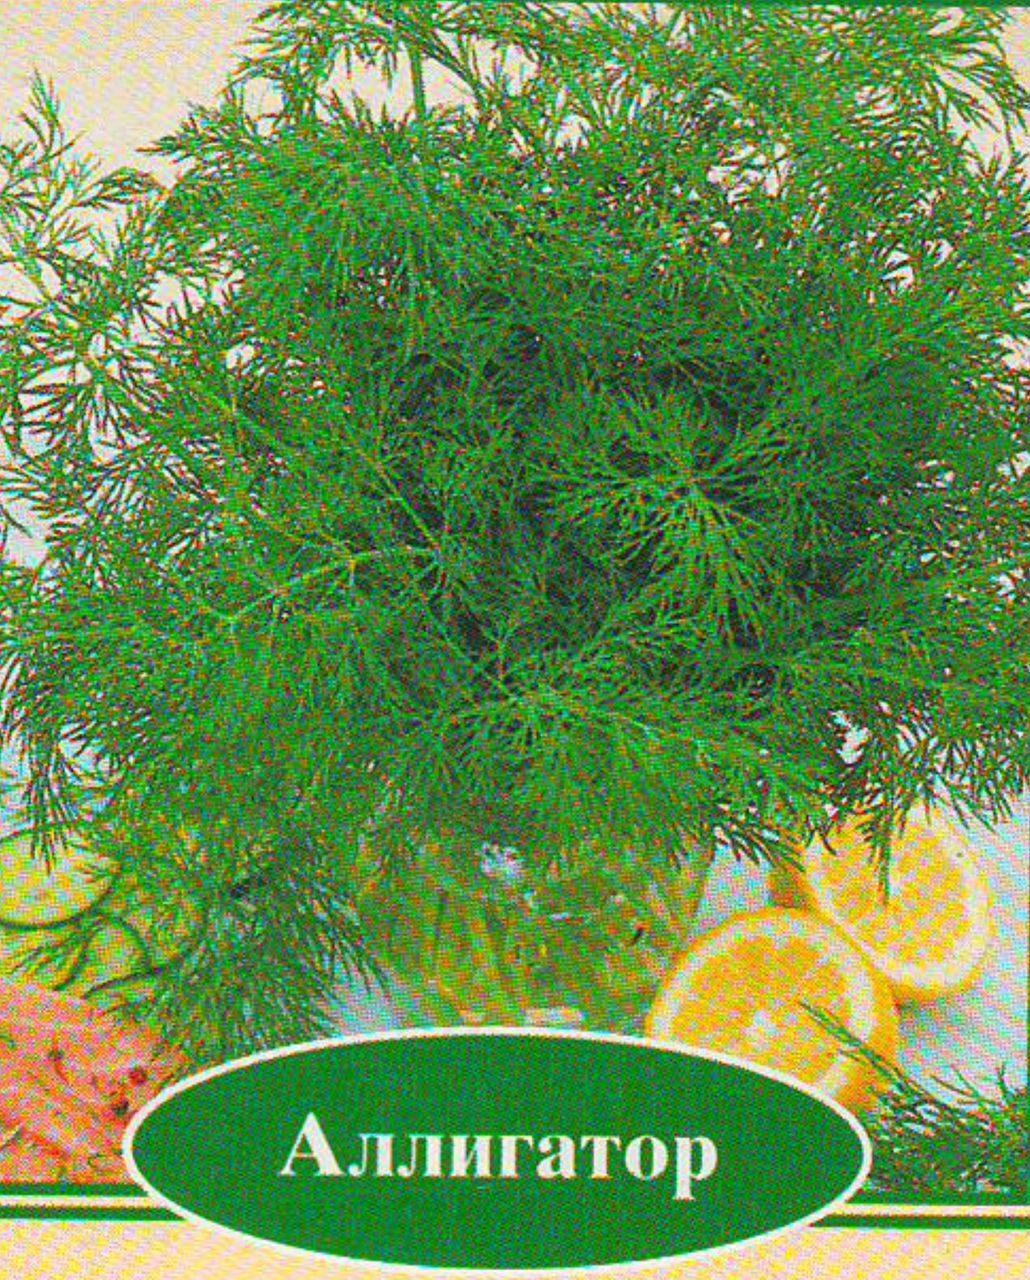 """Укроп """"аллигатор отзывы, время посадки, особенности выращивания"""